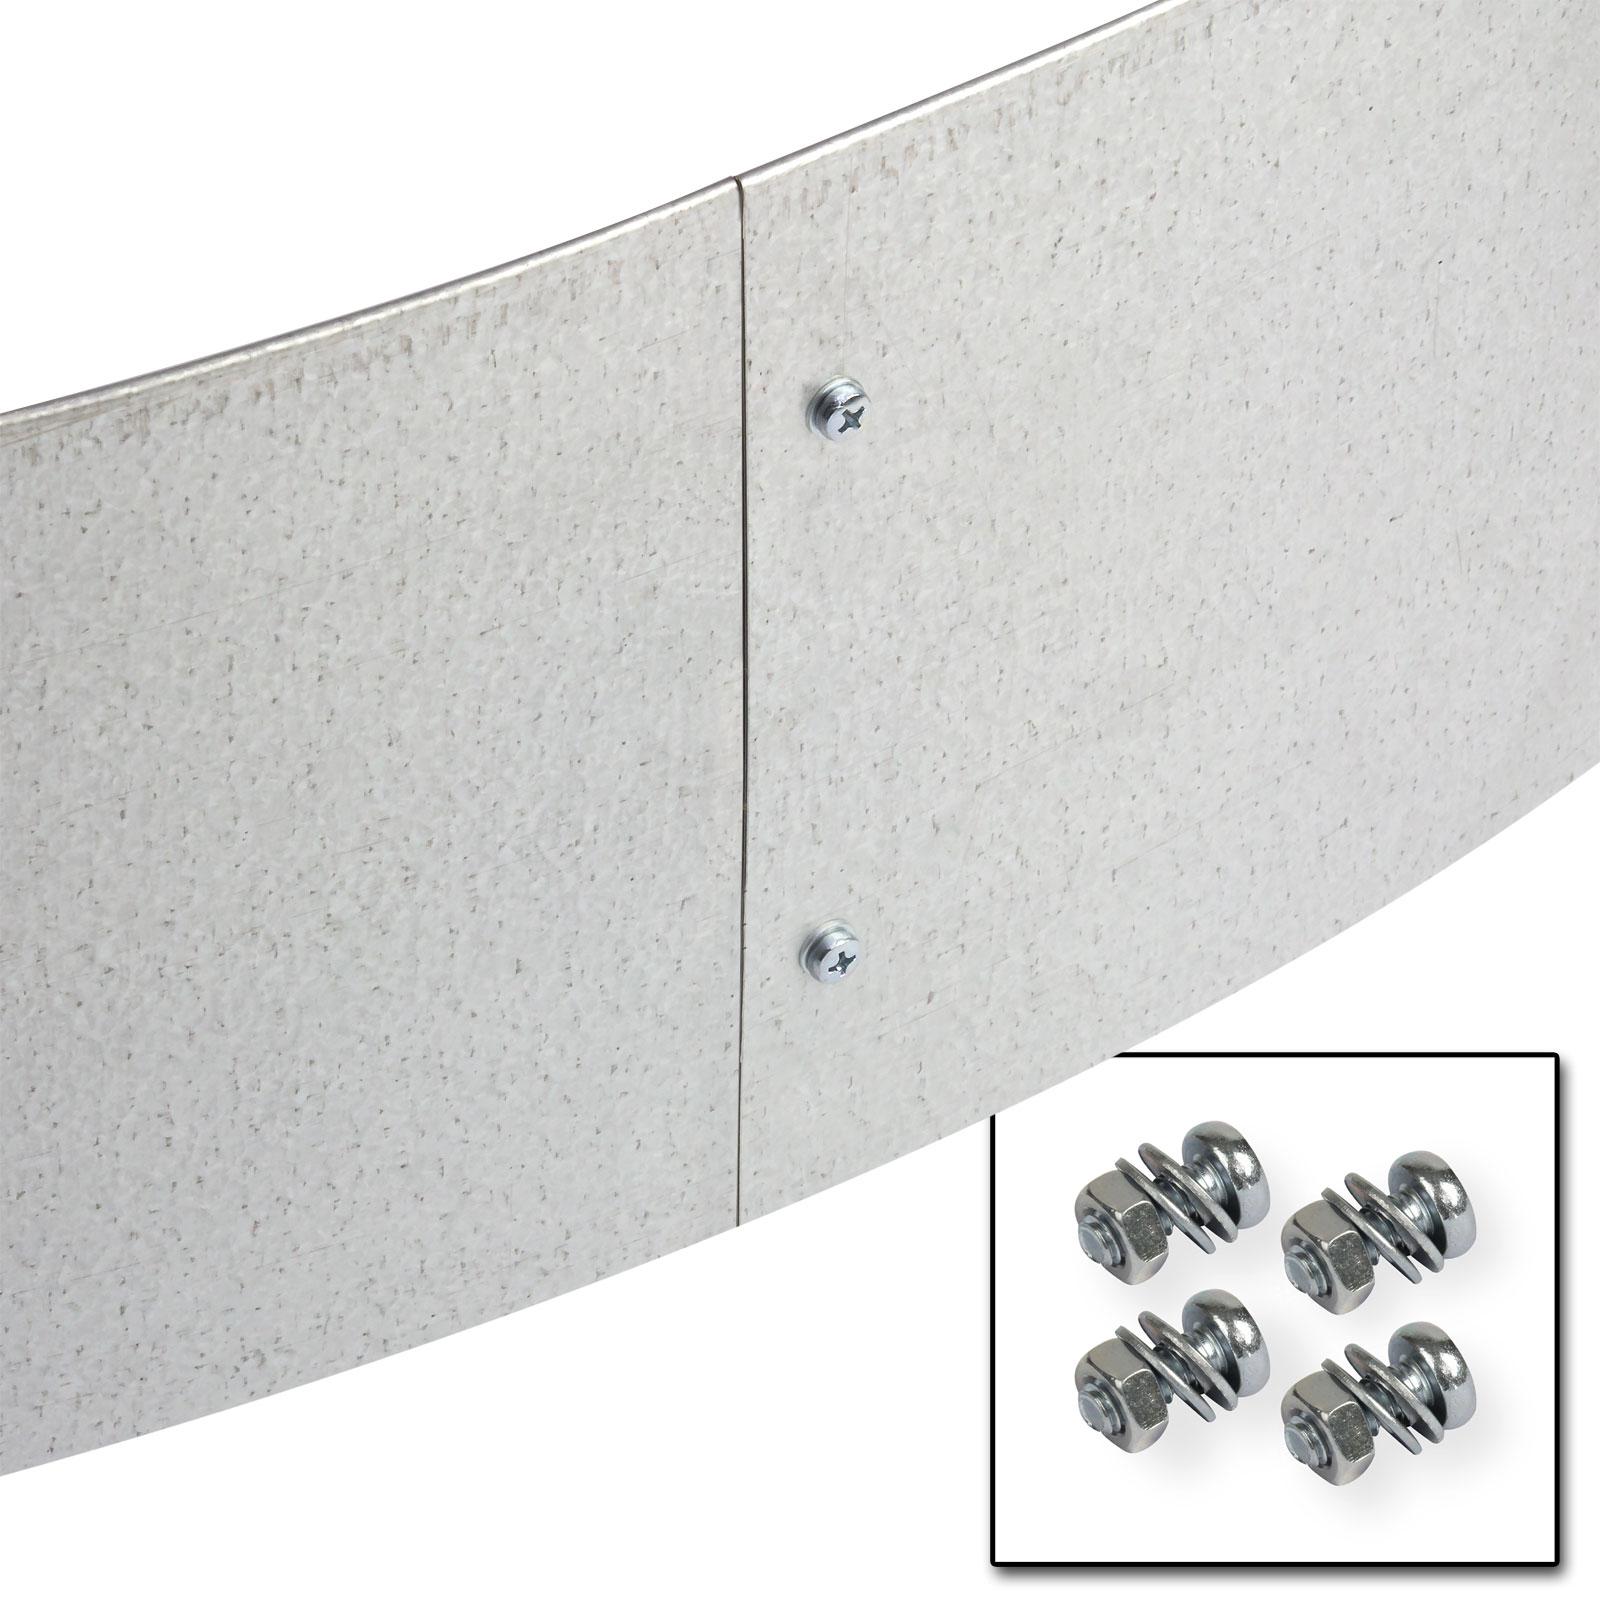 rasenkante beetumrandung beeteinfassung metall verzinkt. Black Bedroom Furniture Sets. Home Design Ideas